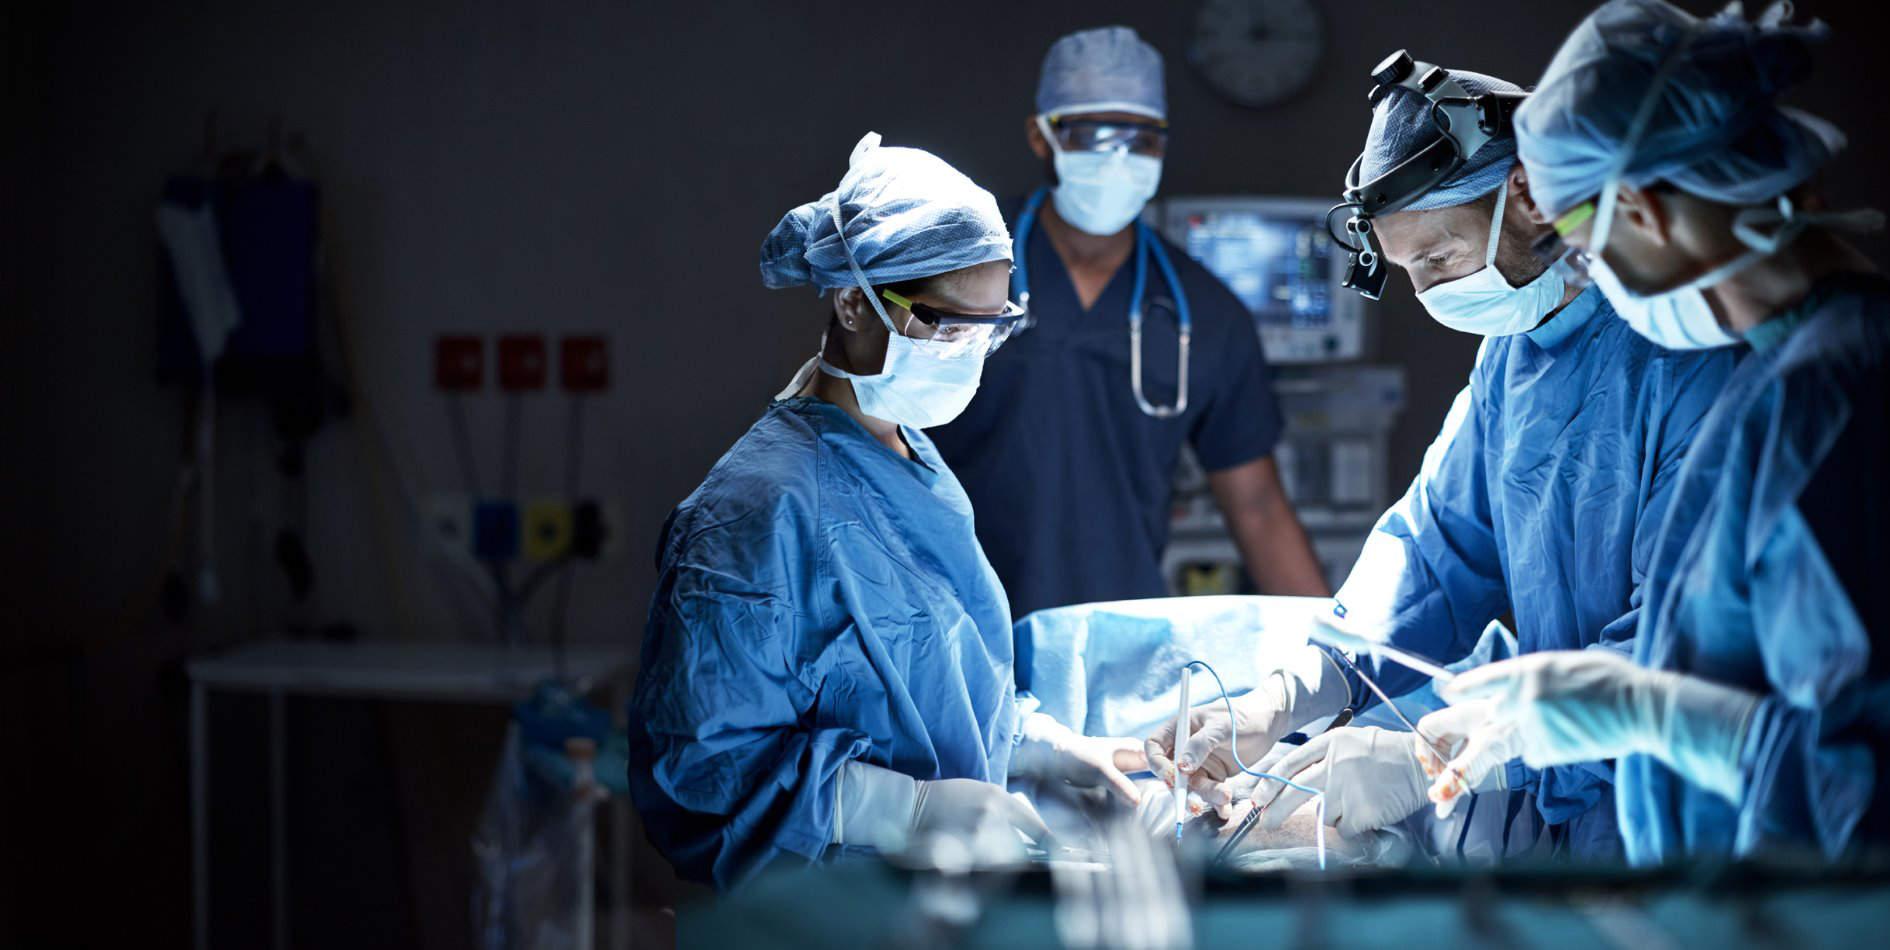 Medical Safety Glasses   MedicalSafetyGlasses com